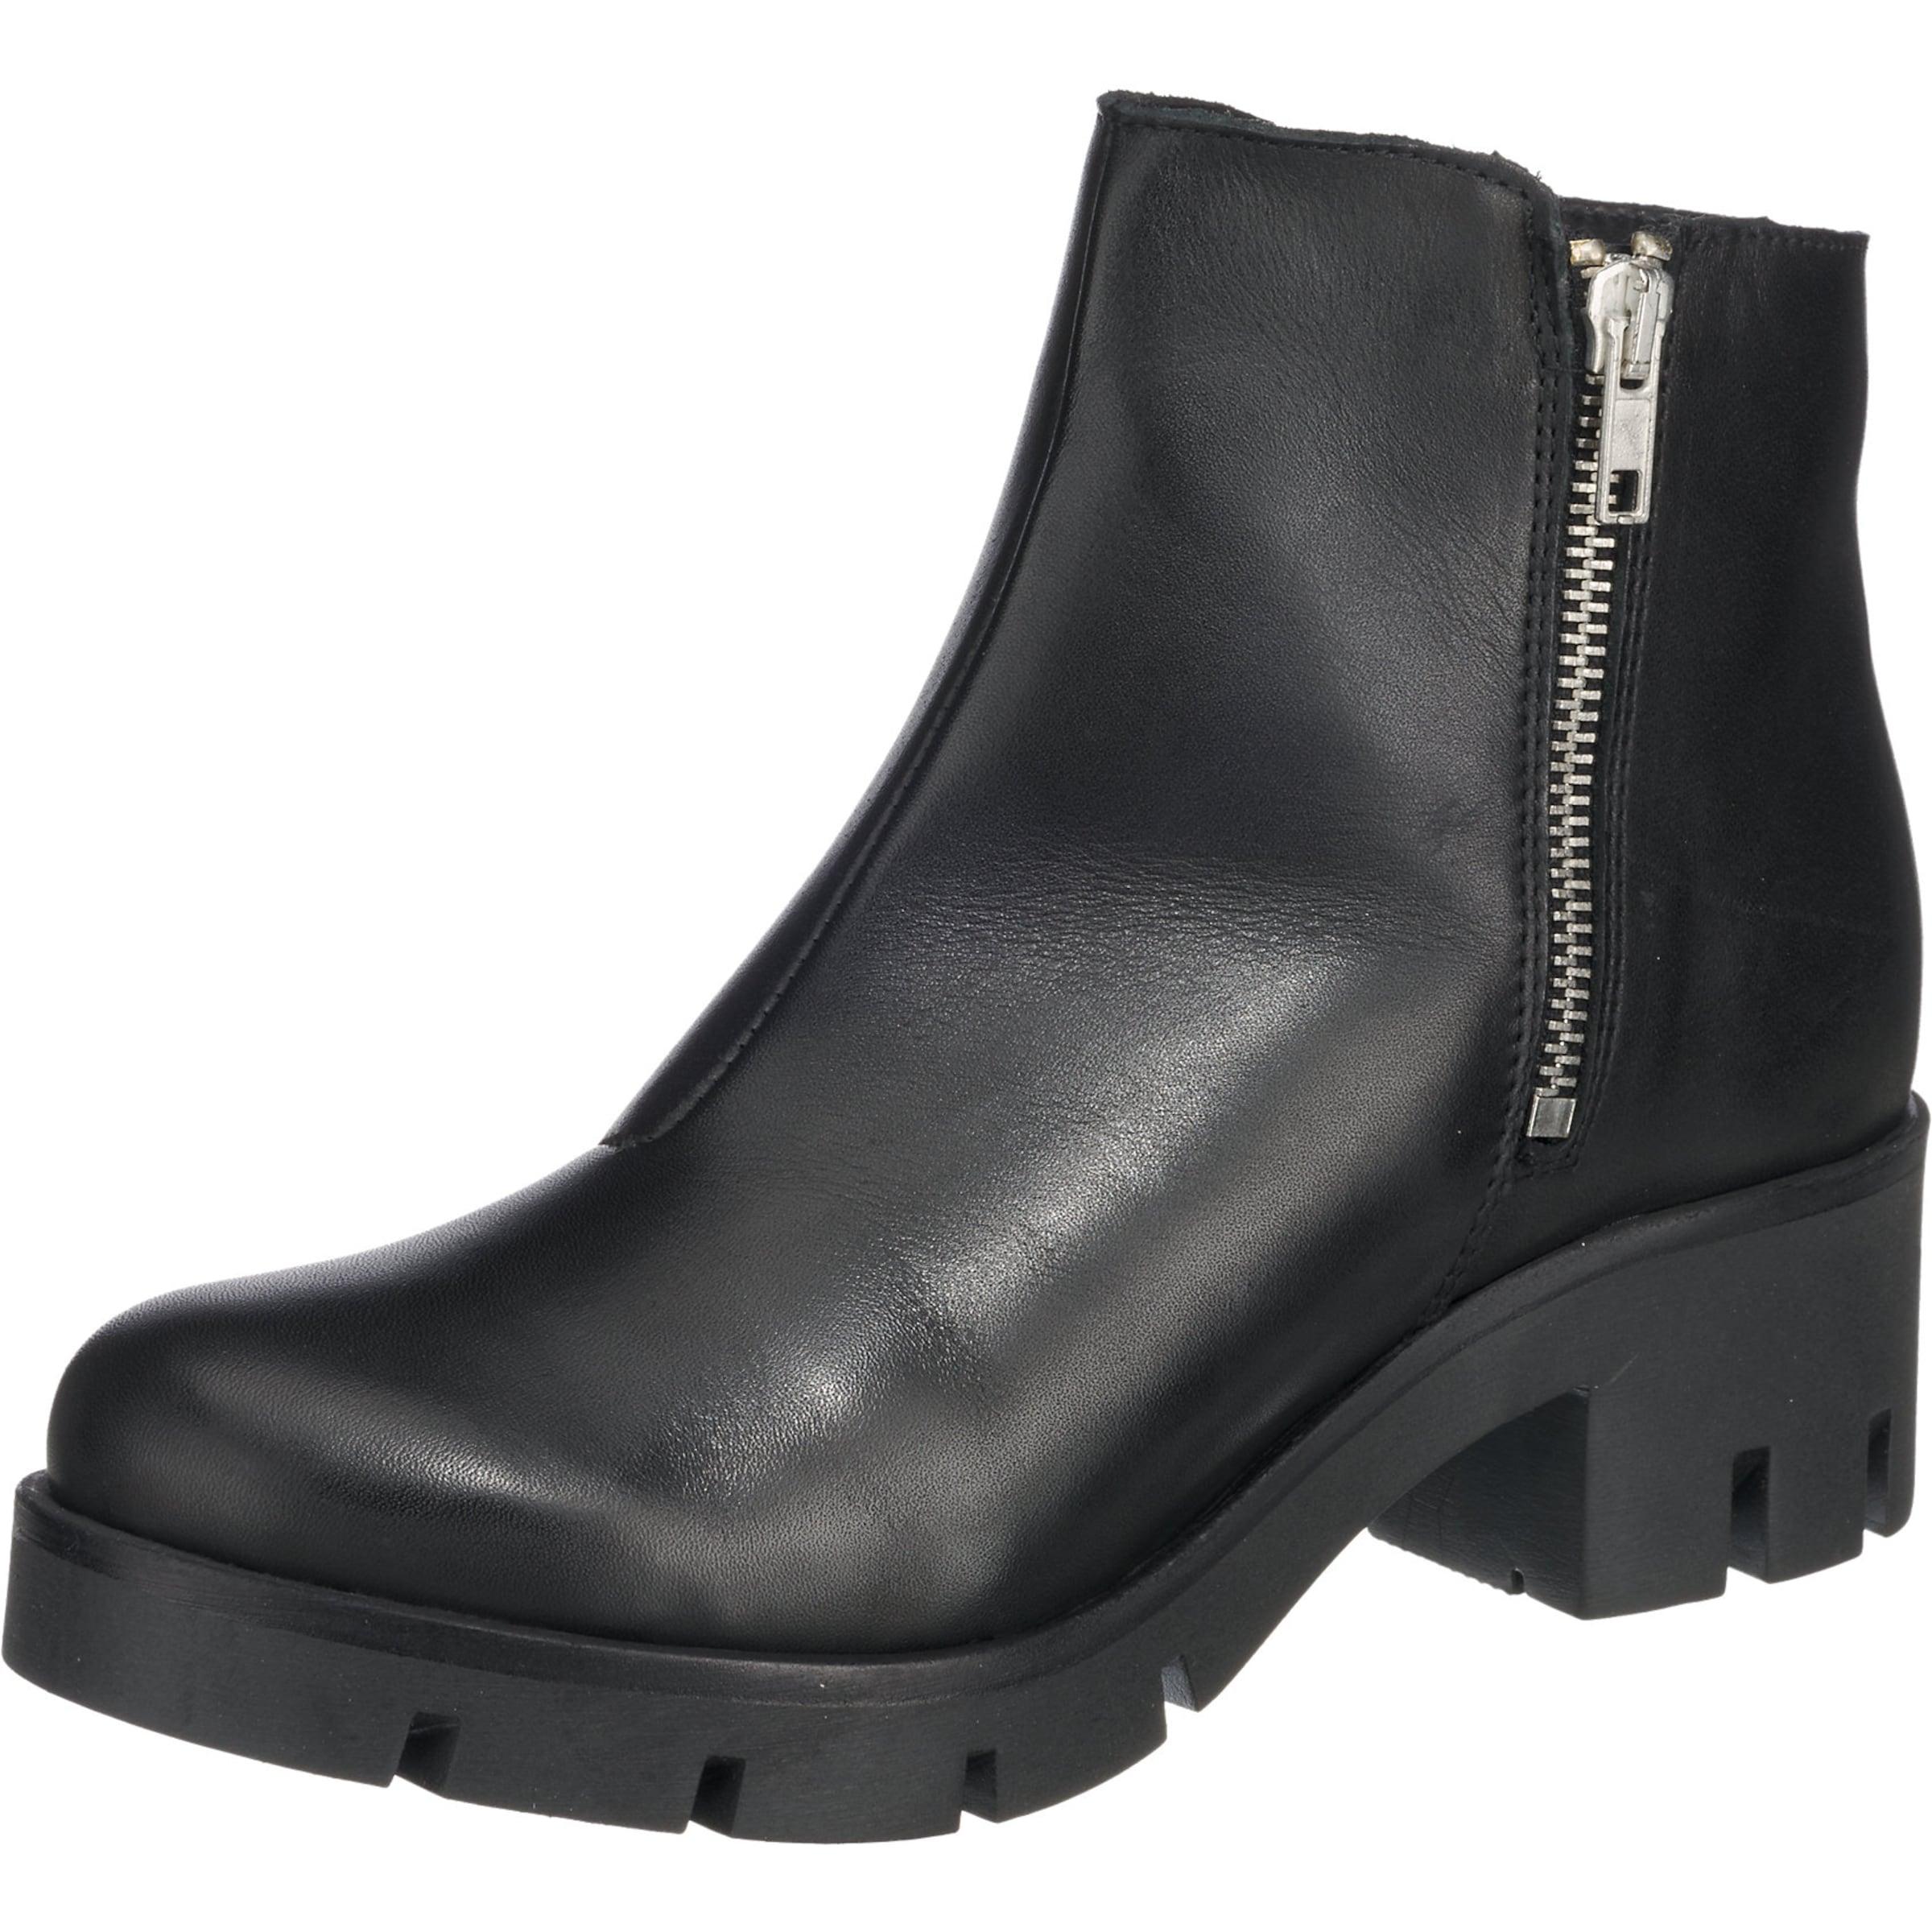 Zign Stiefeletten Günstige und langlebige Schuhe